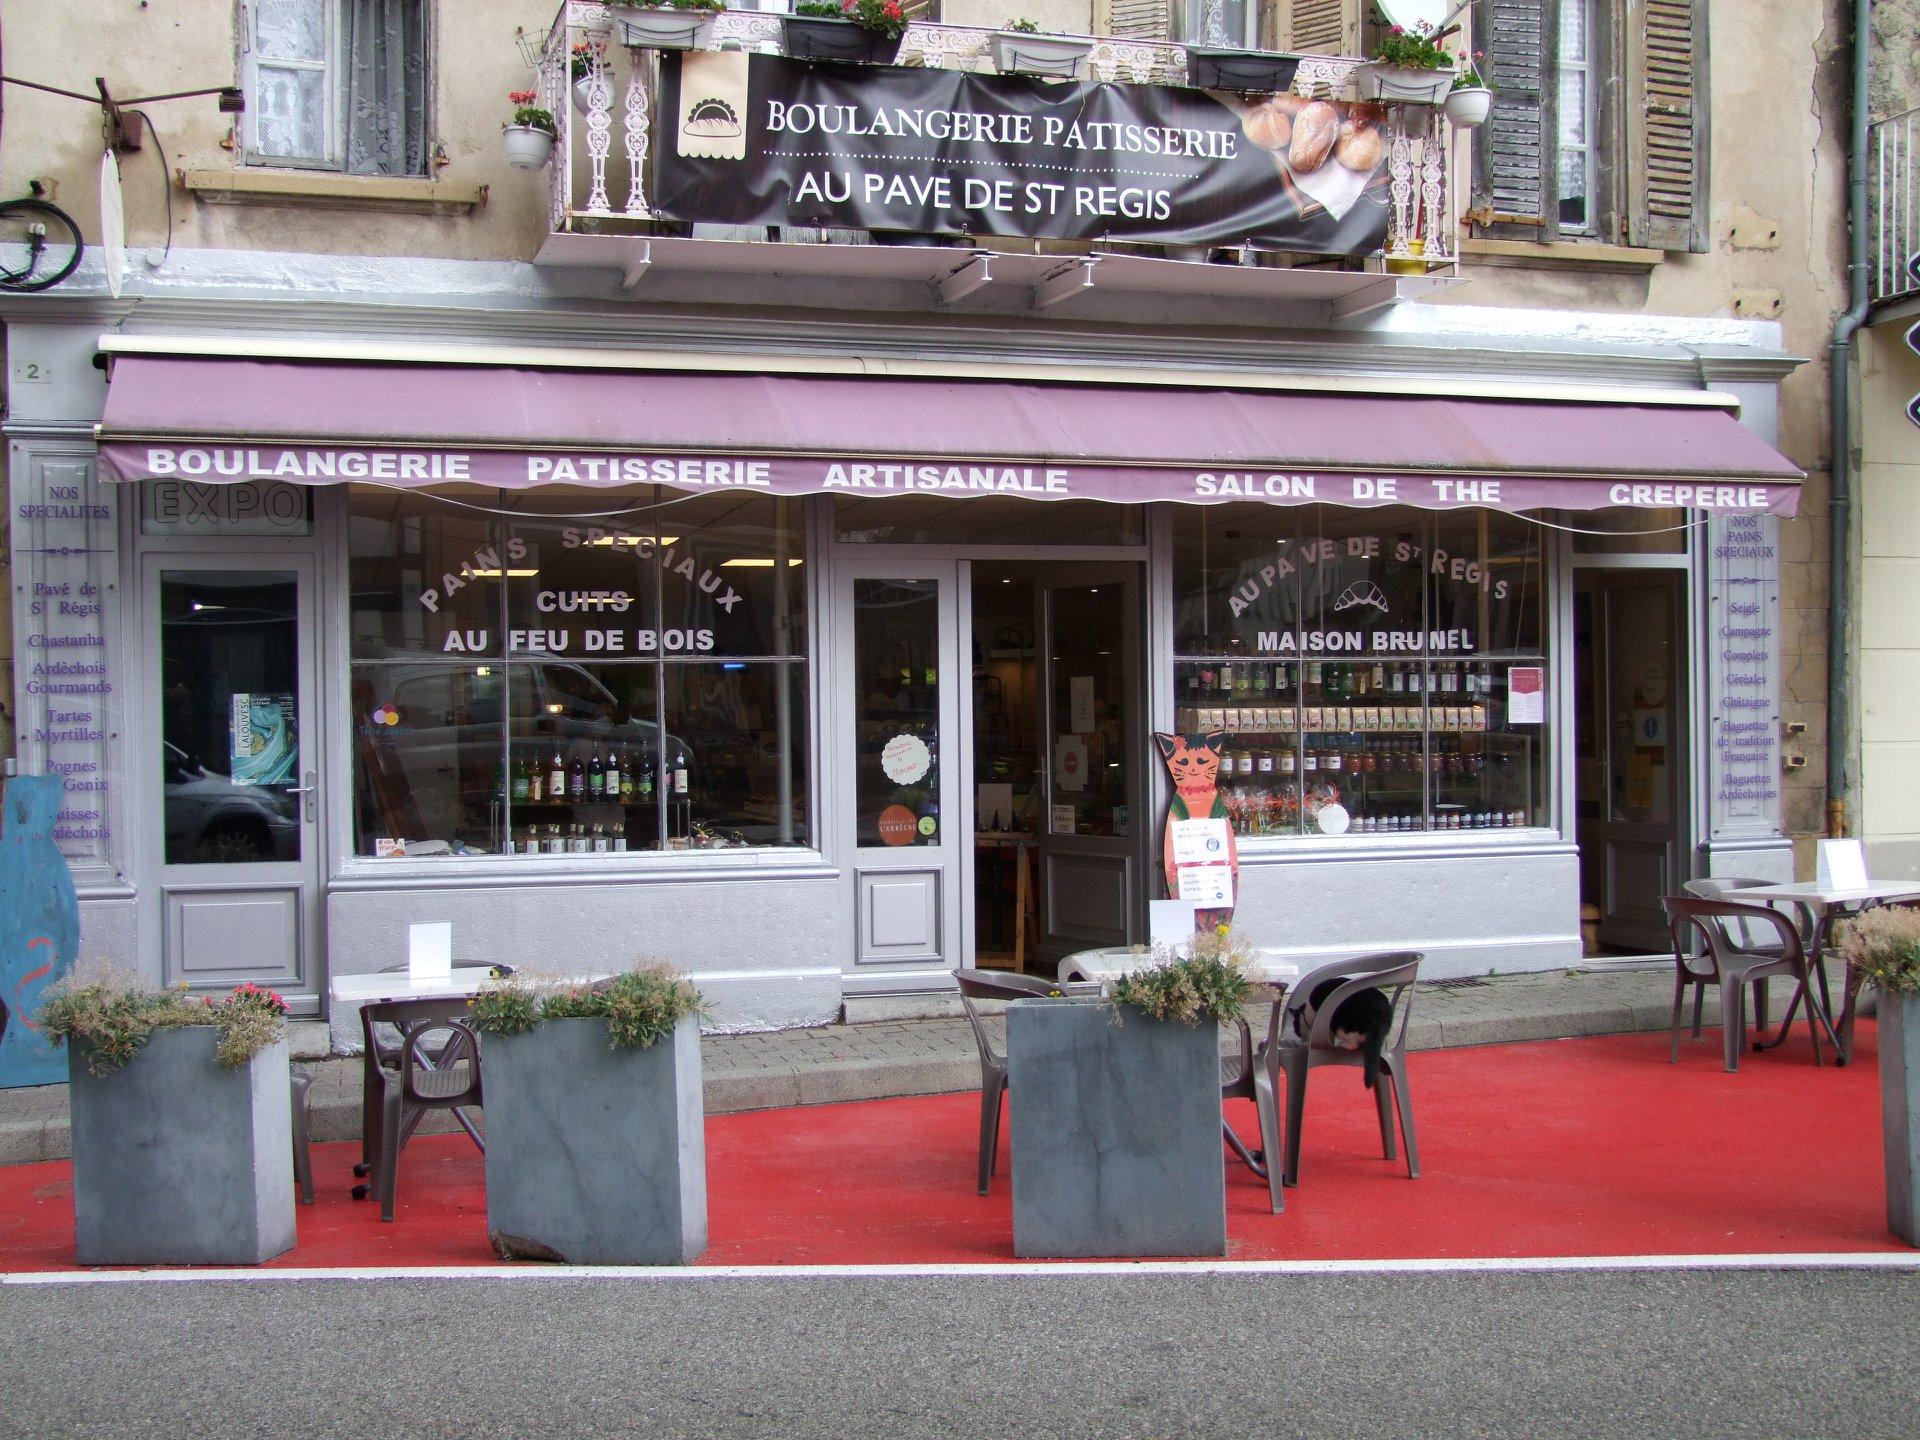 Boulangerie - pâtisserie Au pavé de St Régis (Lalouvesc,A